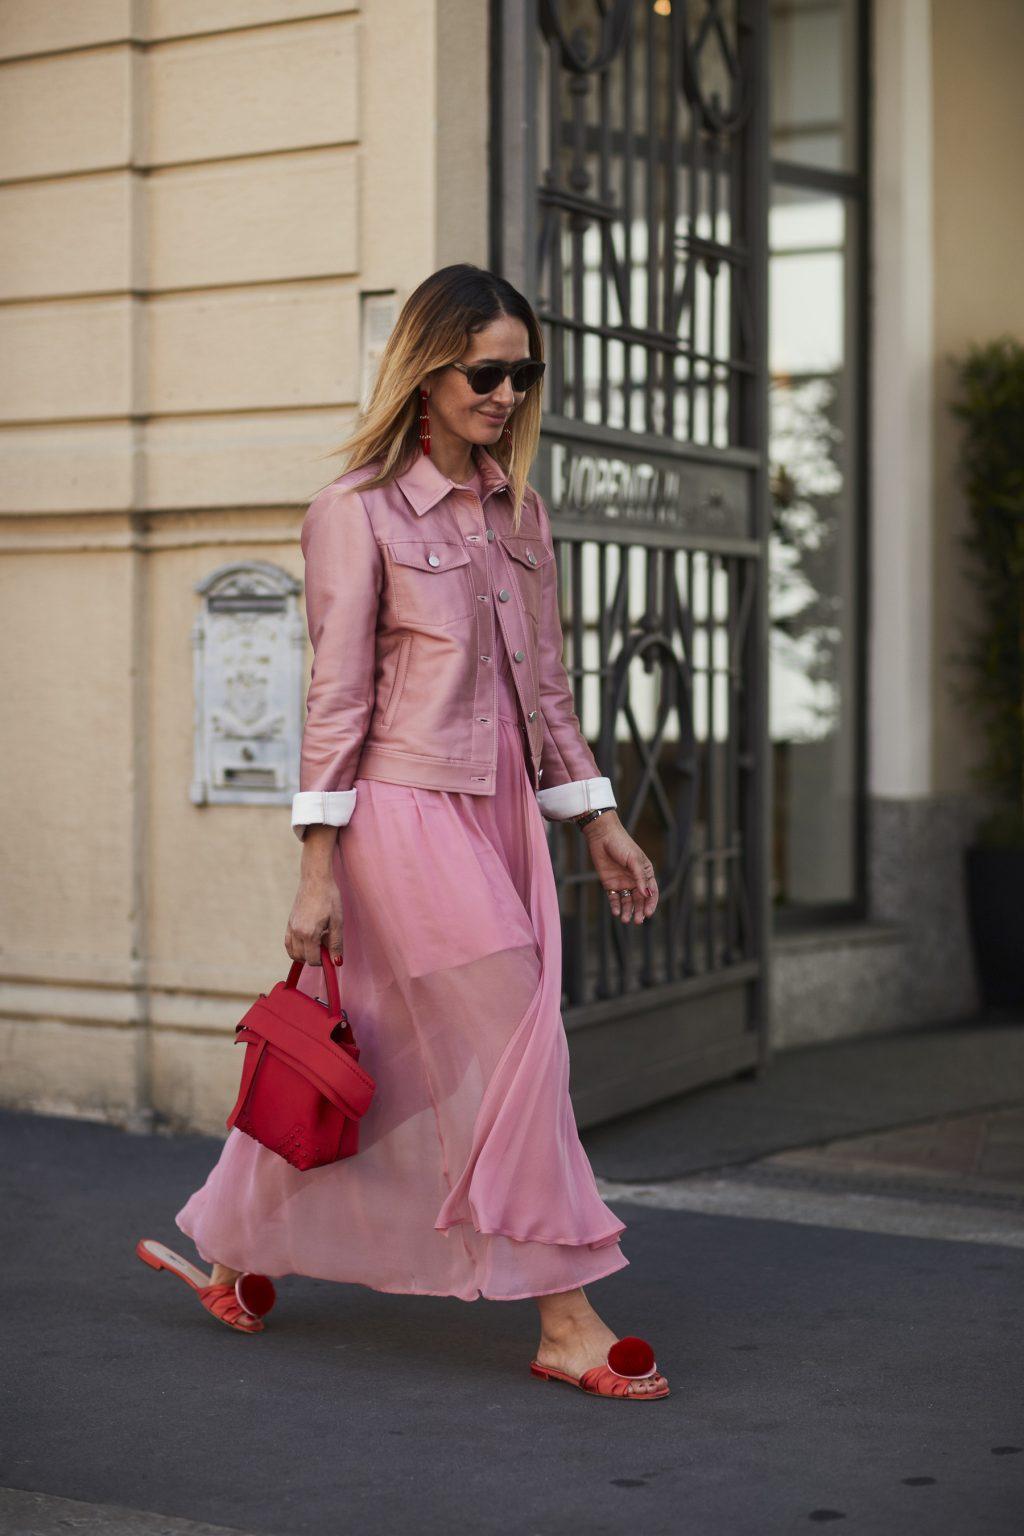 Fashionista mặc chân váy màu hồng và áo khoác